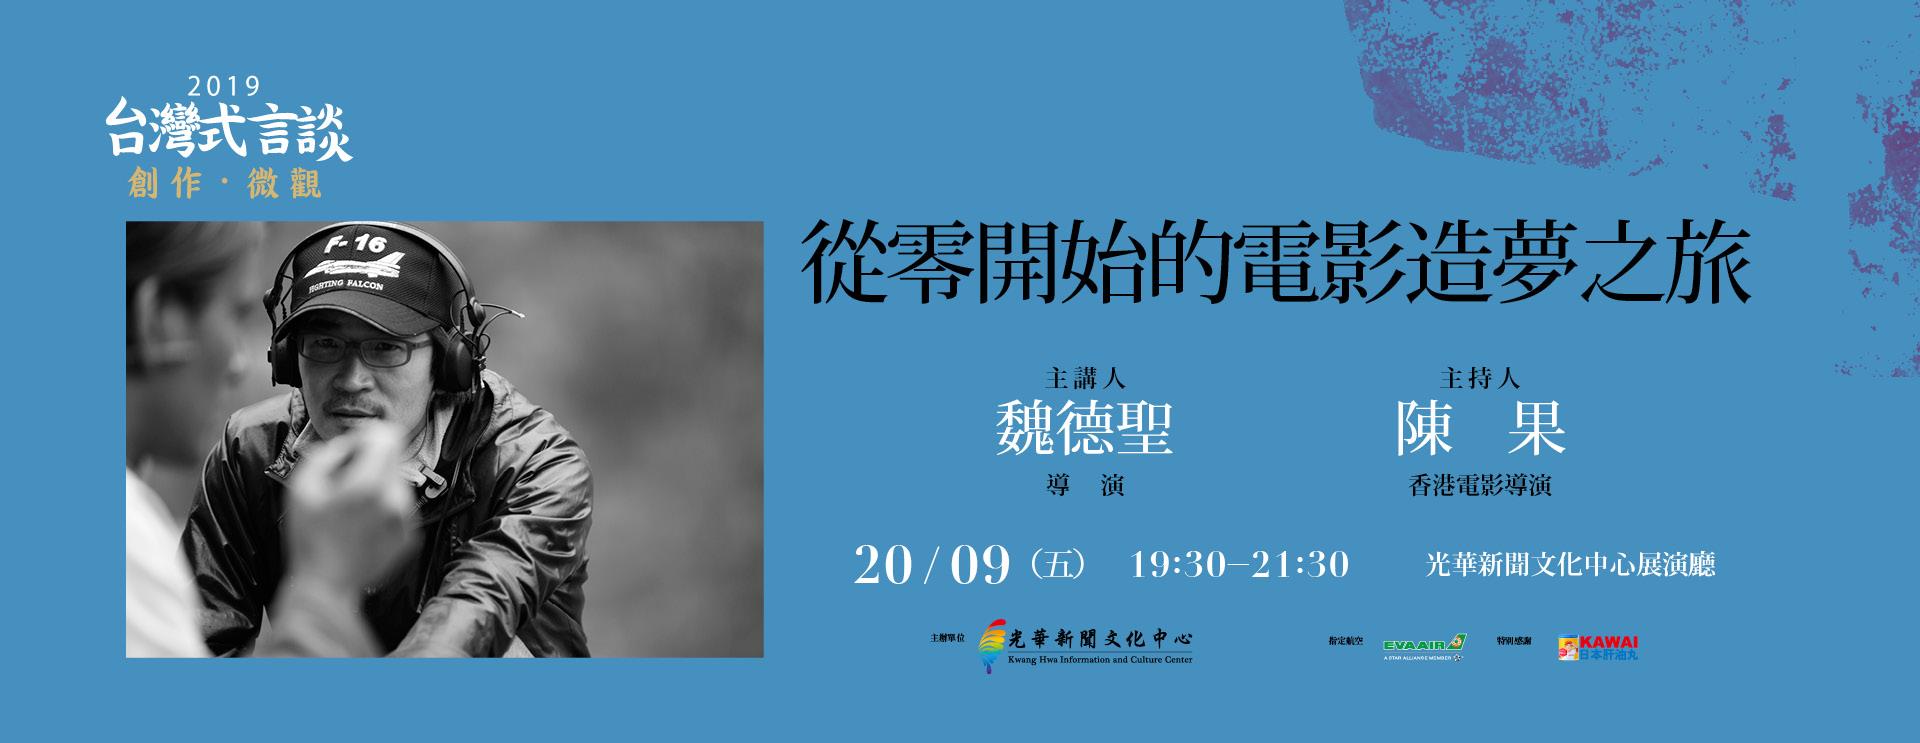 2019台灣式言談VII